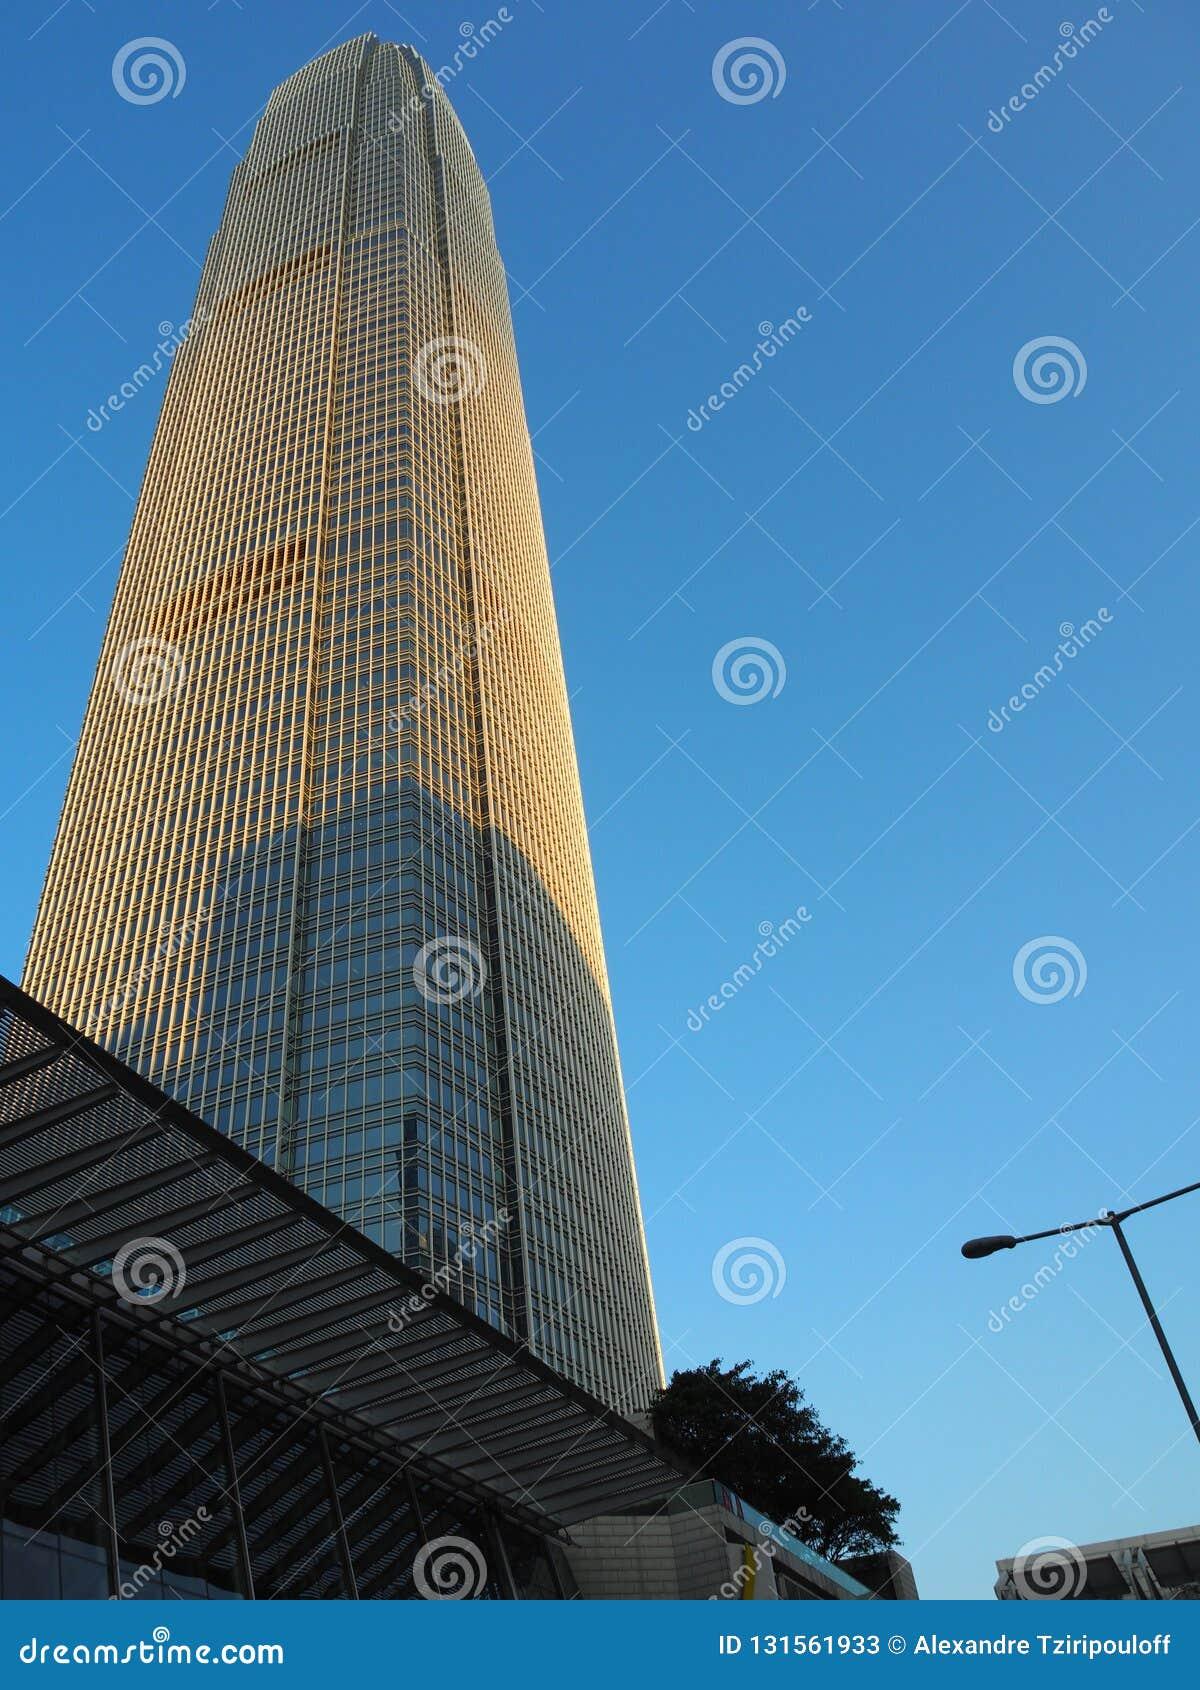 Ett foto av mitten för internationell finans för skyskrapa två, avslutade sig i 2003 och fortfarande en